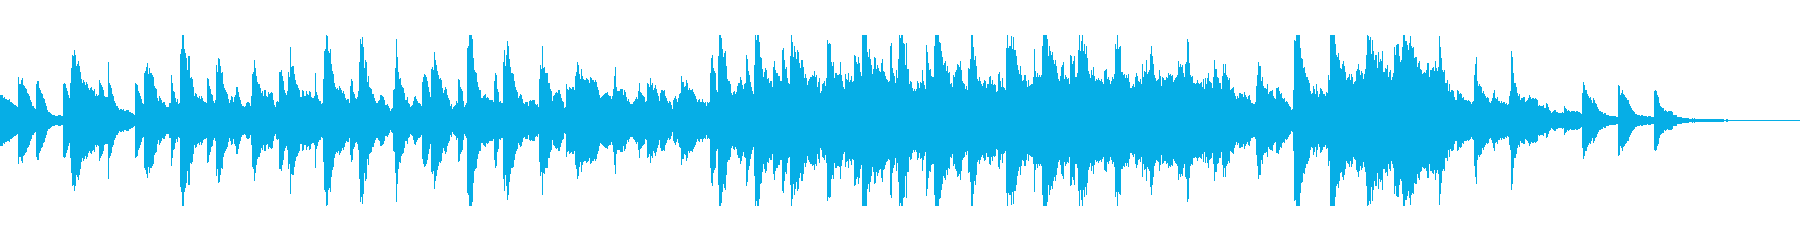 ピアノとストリングスのサウンドトラックの再生済みの波形